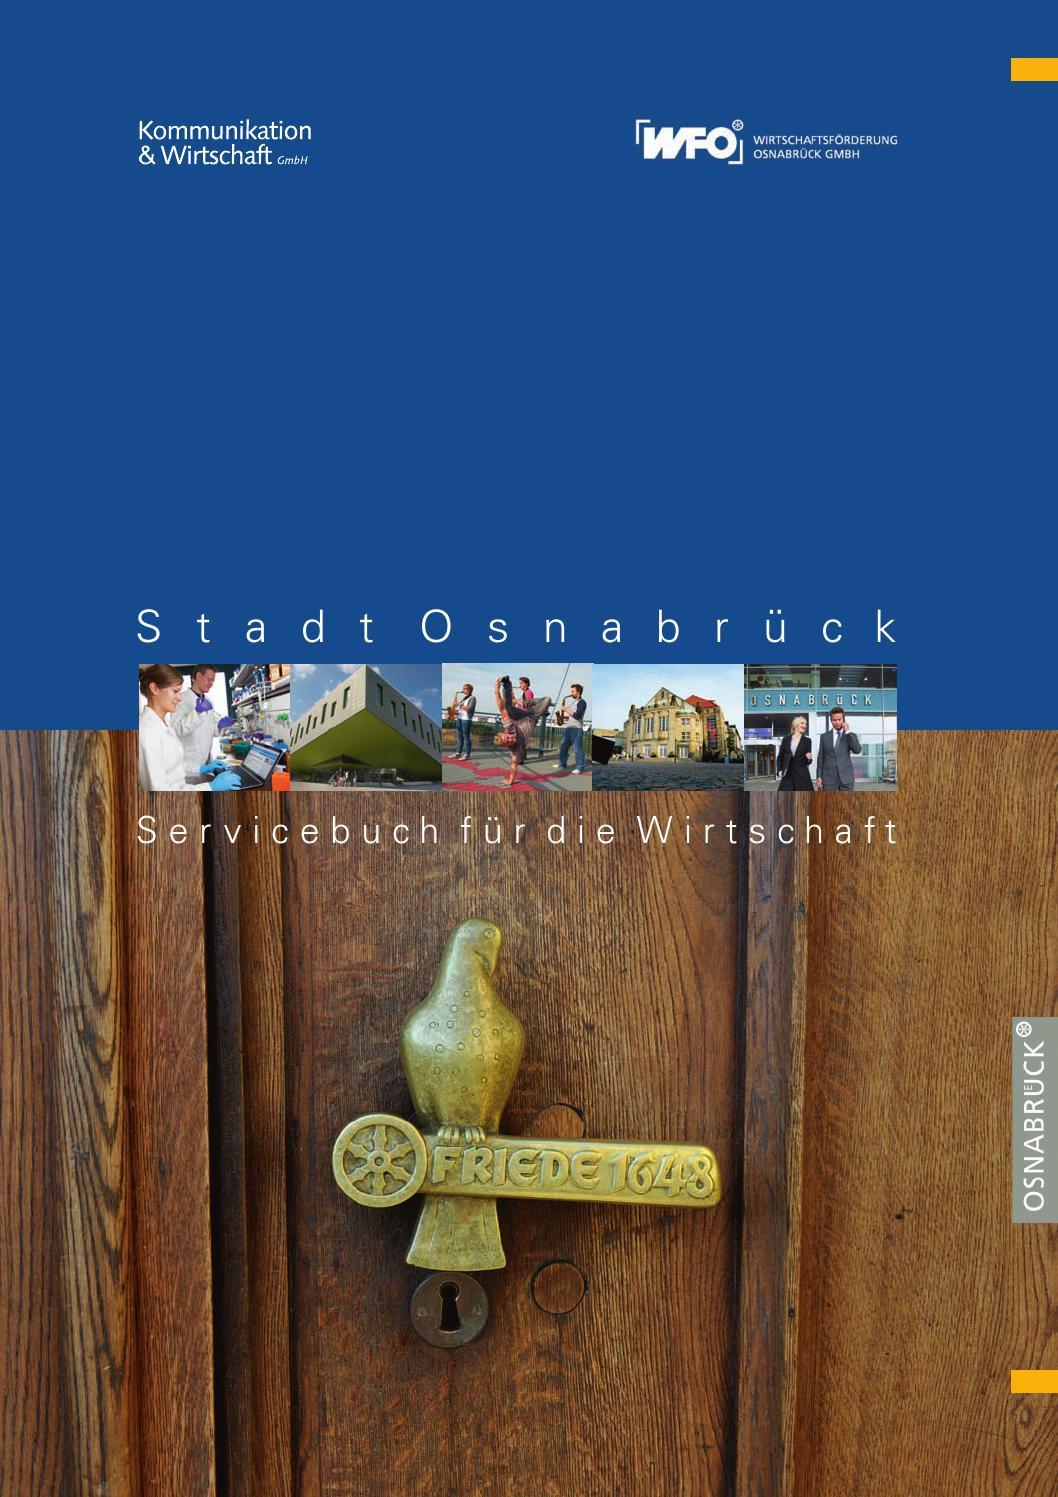 Servicebuch für die Wirtschaft - Osnabrück by WFO Wirtschaftsförderung  Osnabrück GmbH - issuu